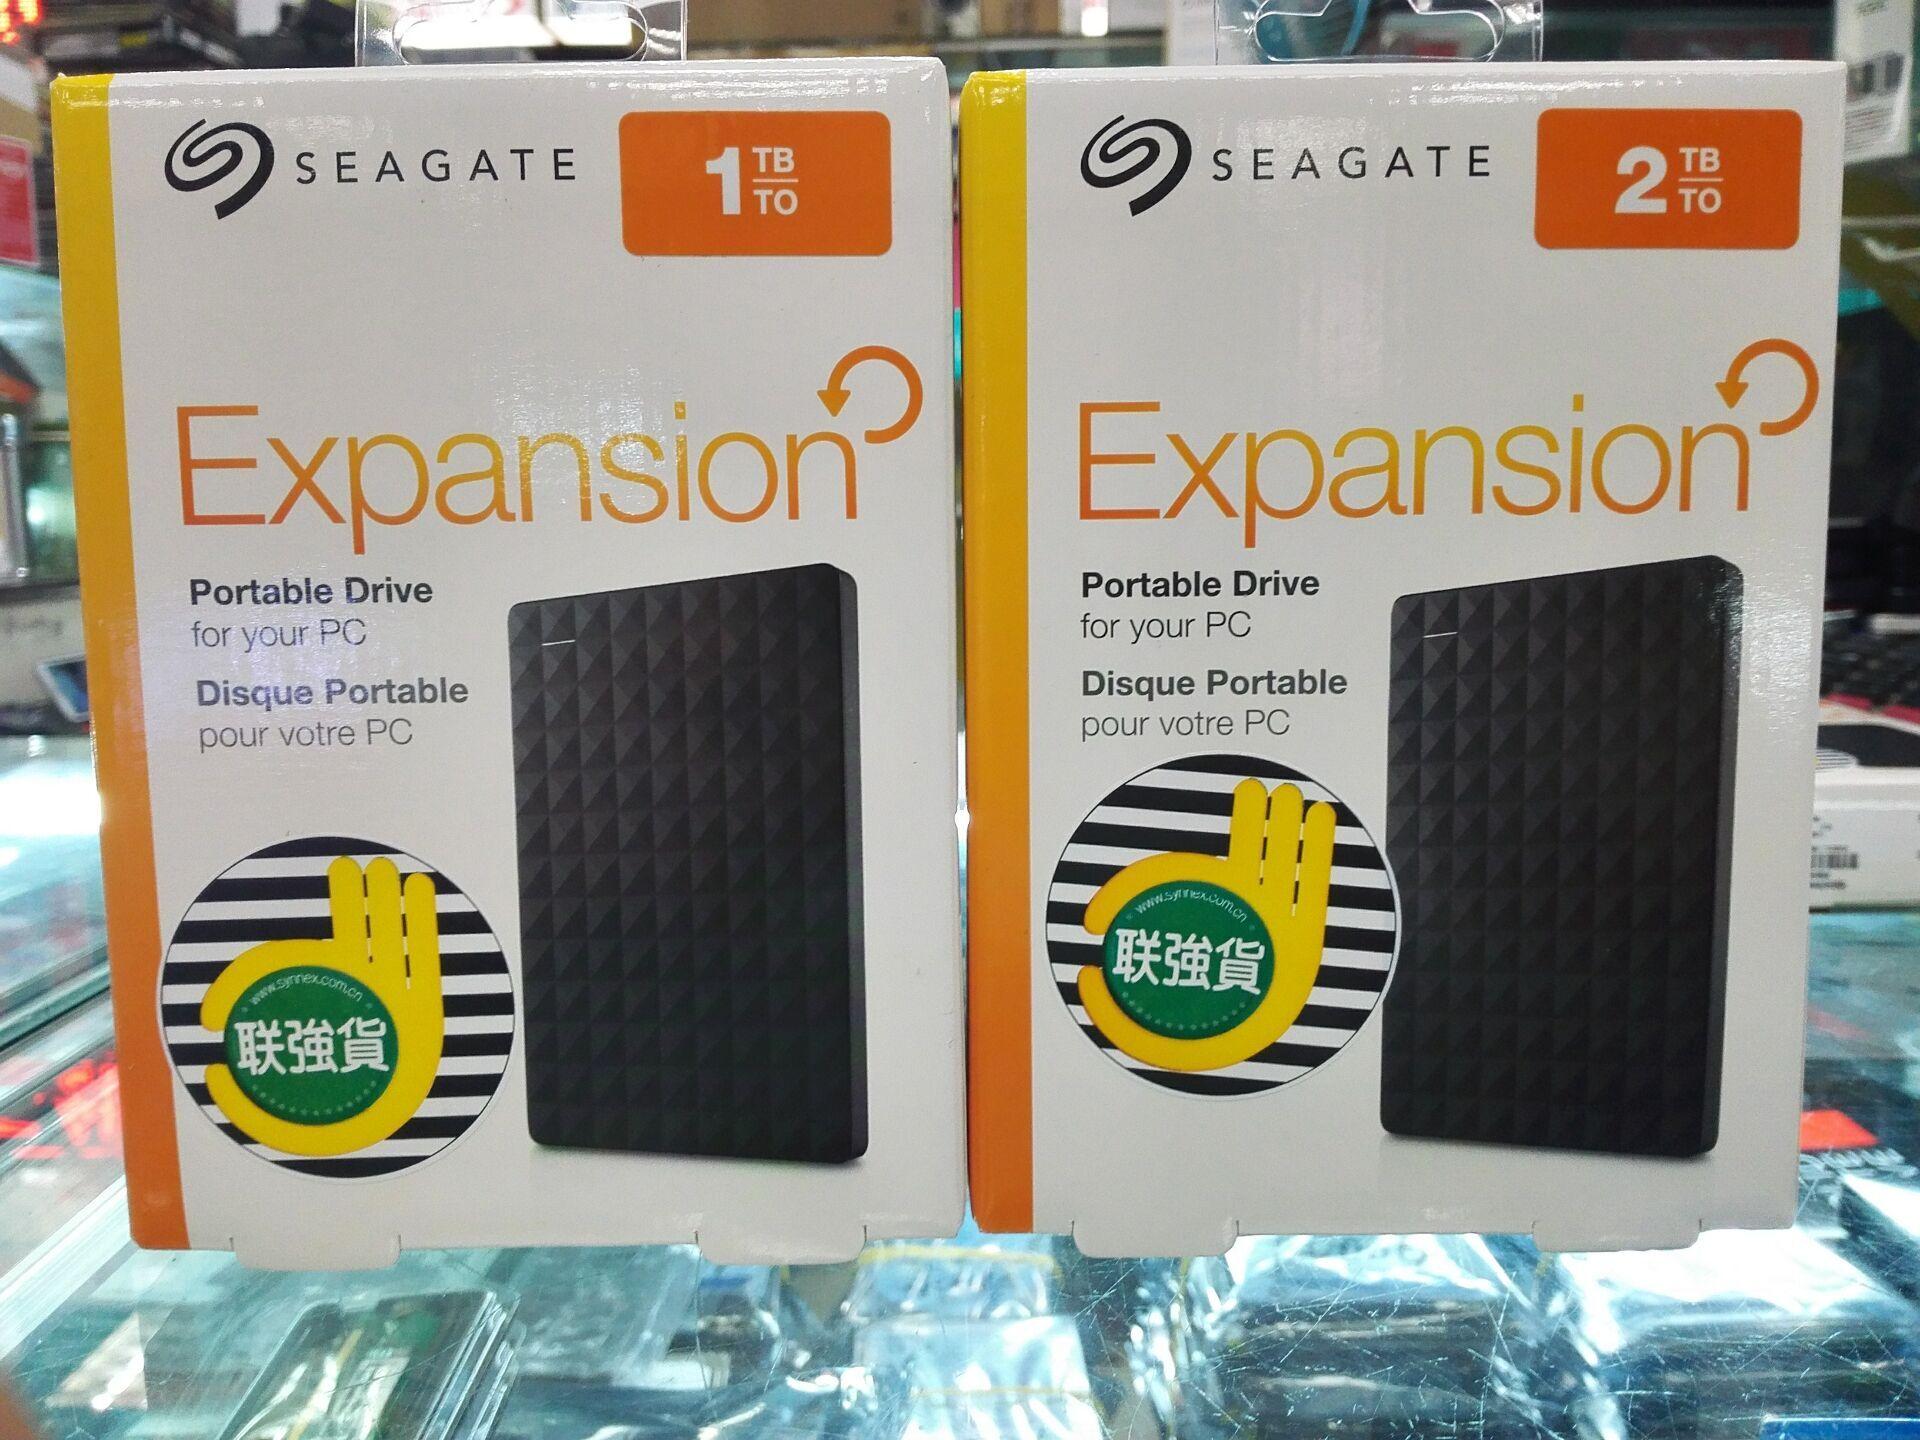 Seagate le pire: 2000 G, disque dur mobile nouveau sommet 2,5 pouces de marchandises en trois ans usb3.0 synnex ultra - mince